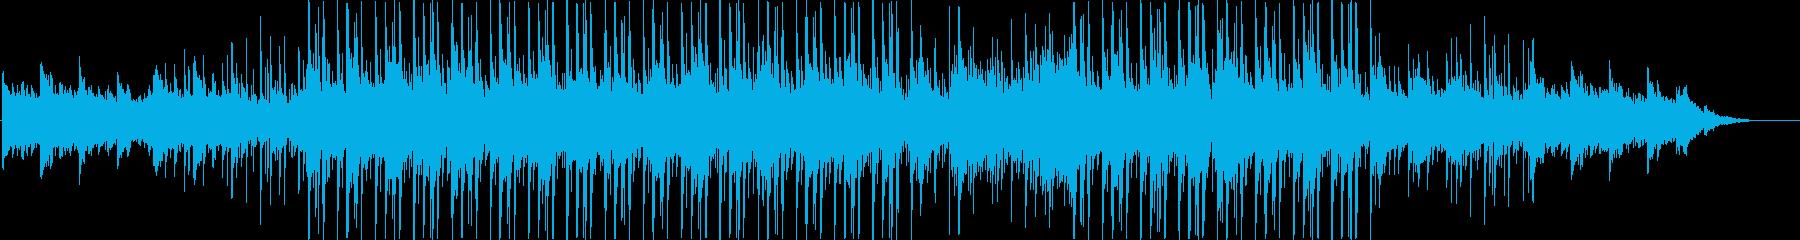 ピアノ、ストリングス、ベース、ドラ...の再生済みの波形